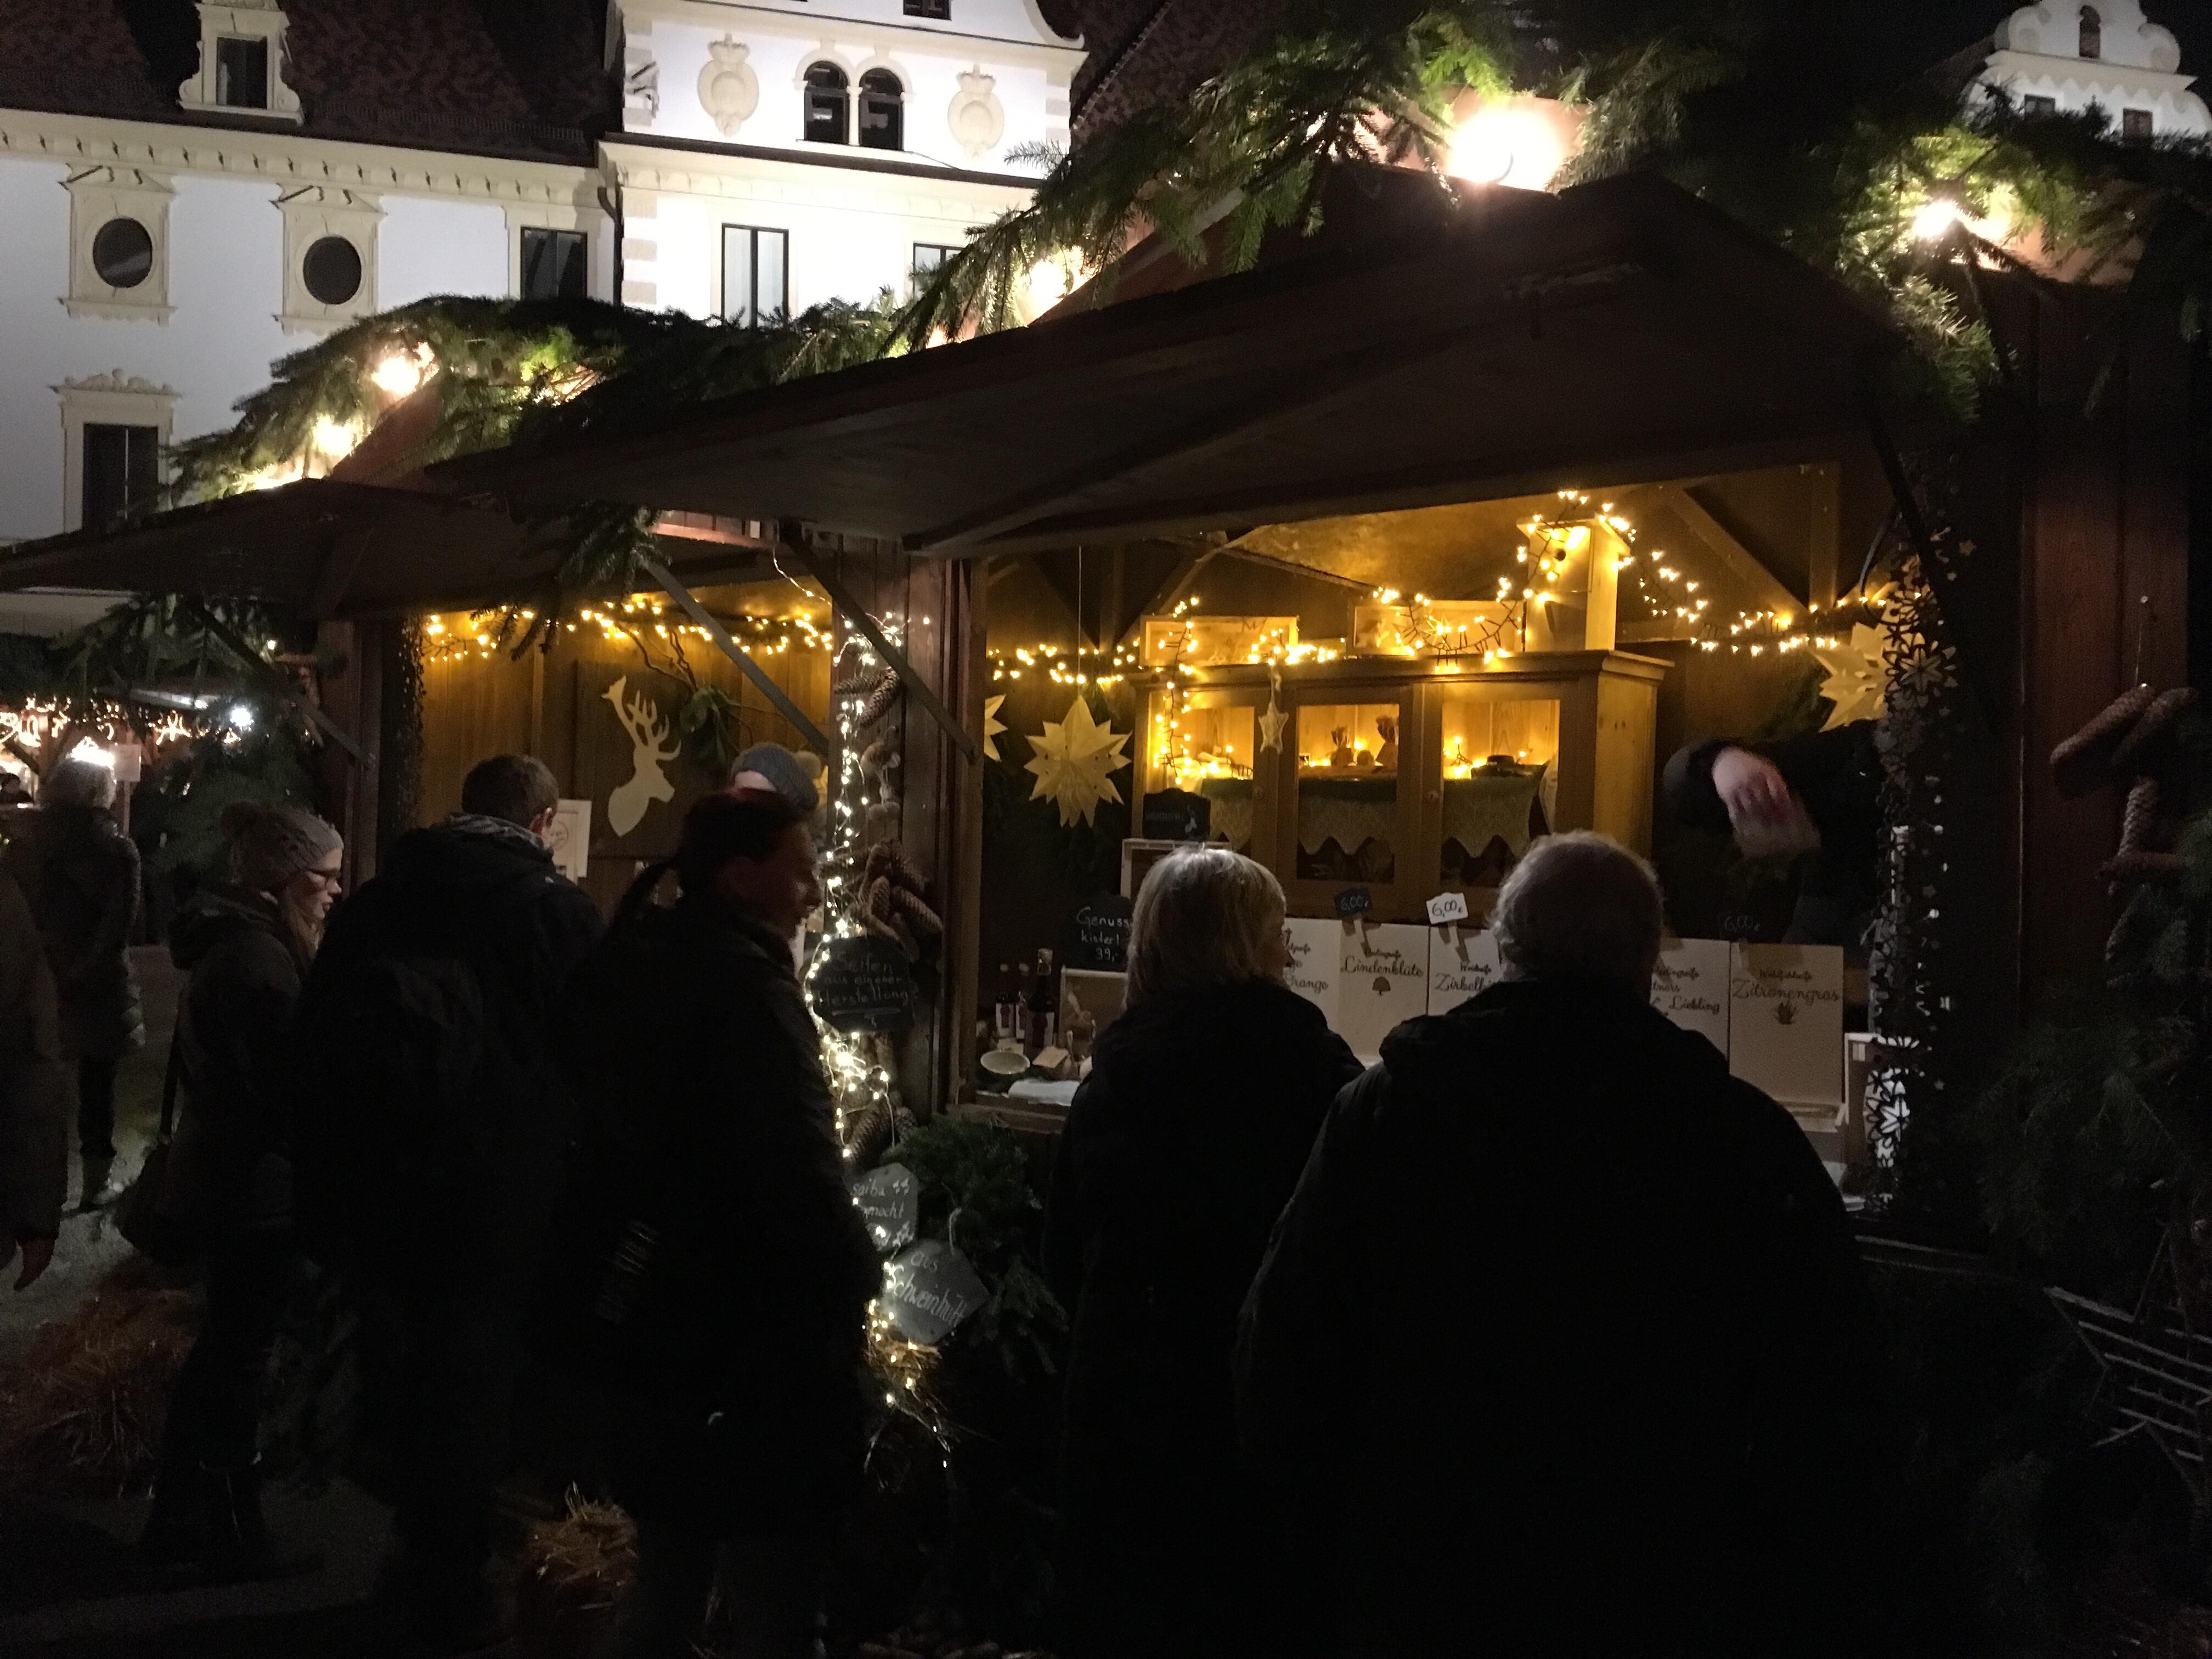 romantischer weihnachtsmarkt auf schloss thurn und taxis in regensburg woidsiederei. Black Bedroom Furniture Sets. Home Design Ideas